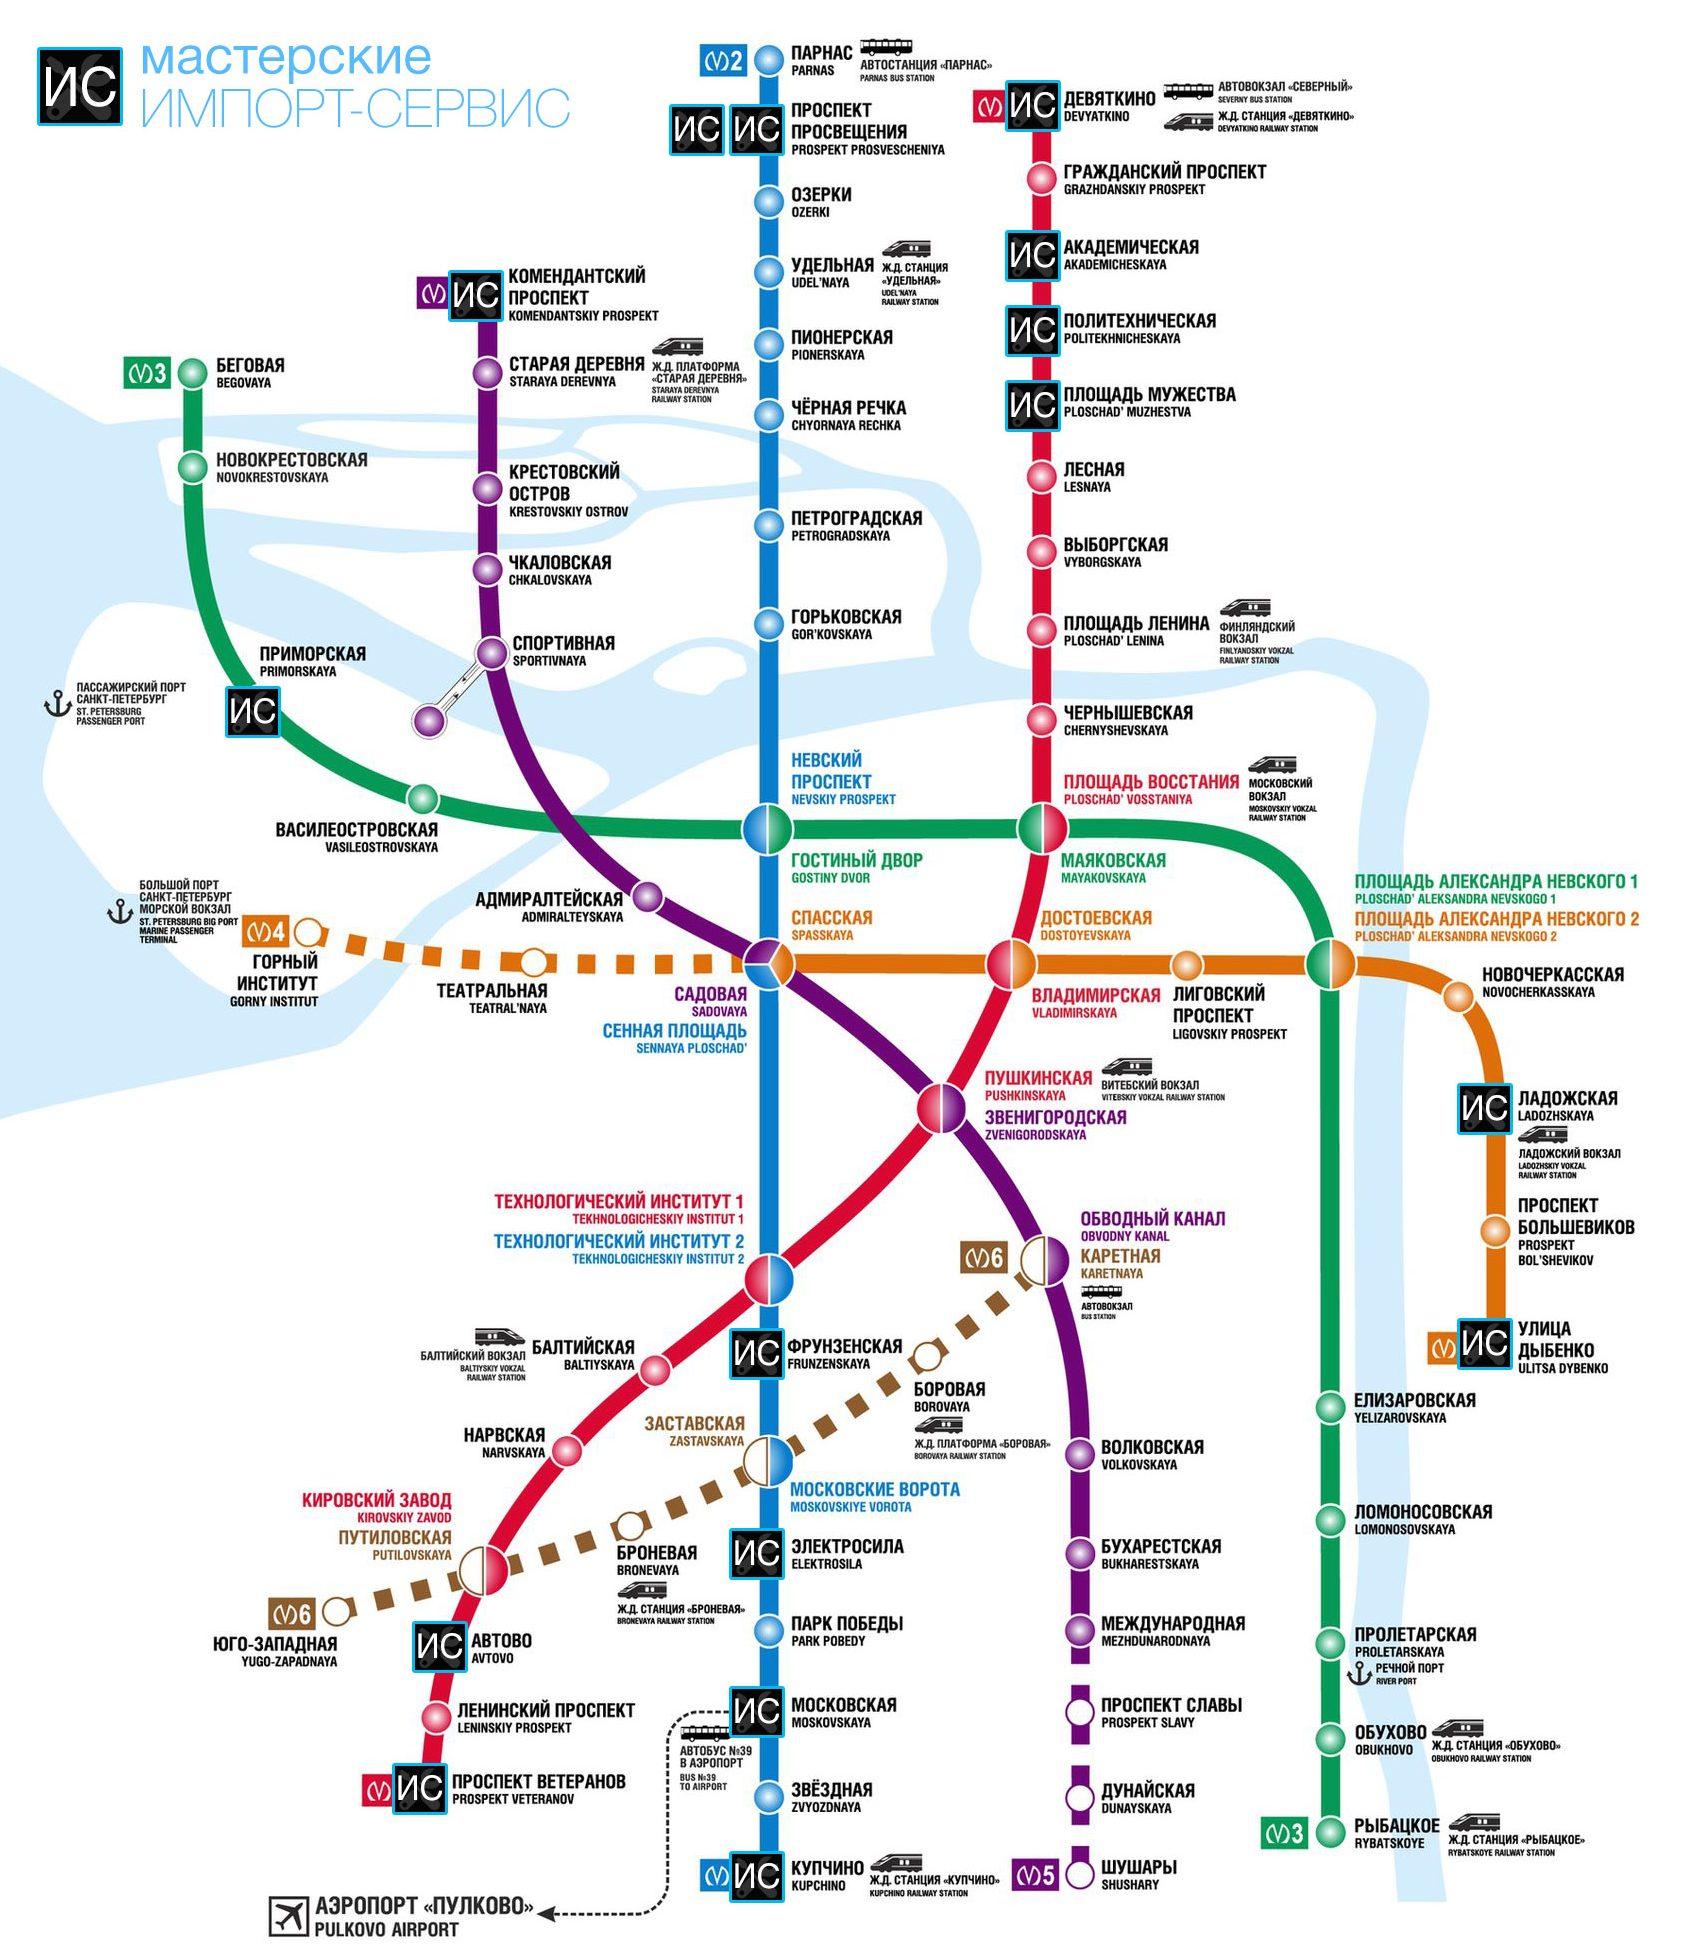 Мастерские Импорт-сервис на карте метро